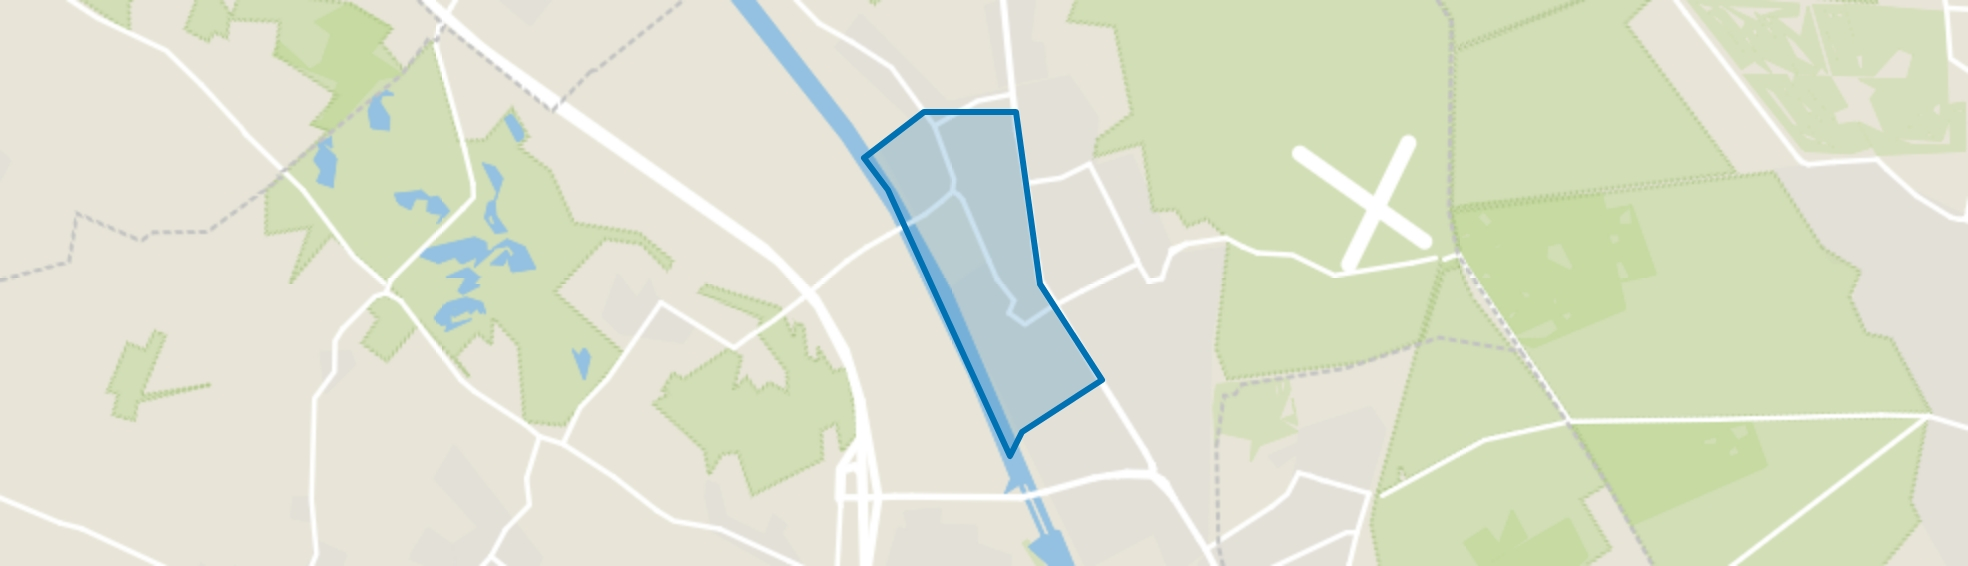 Malden-West, Malden map